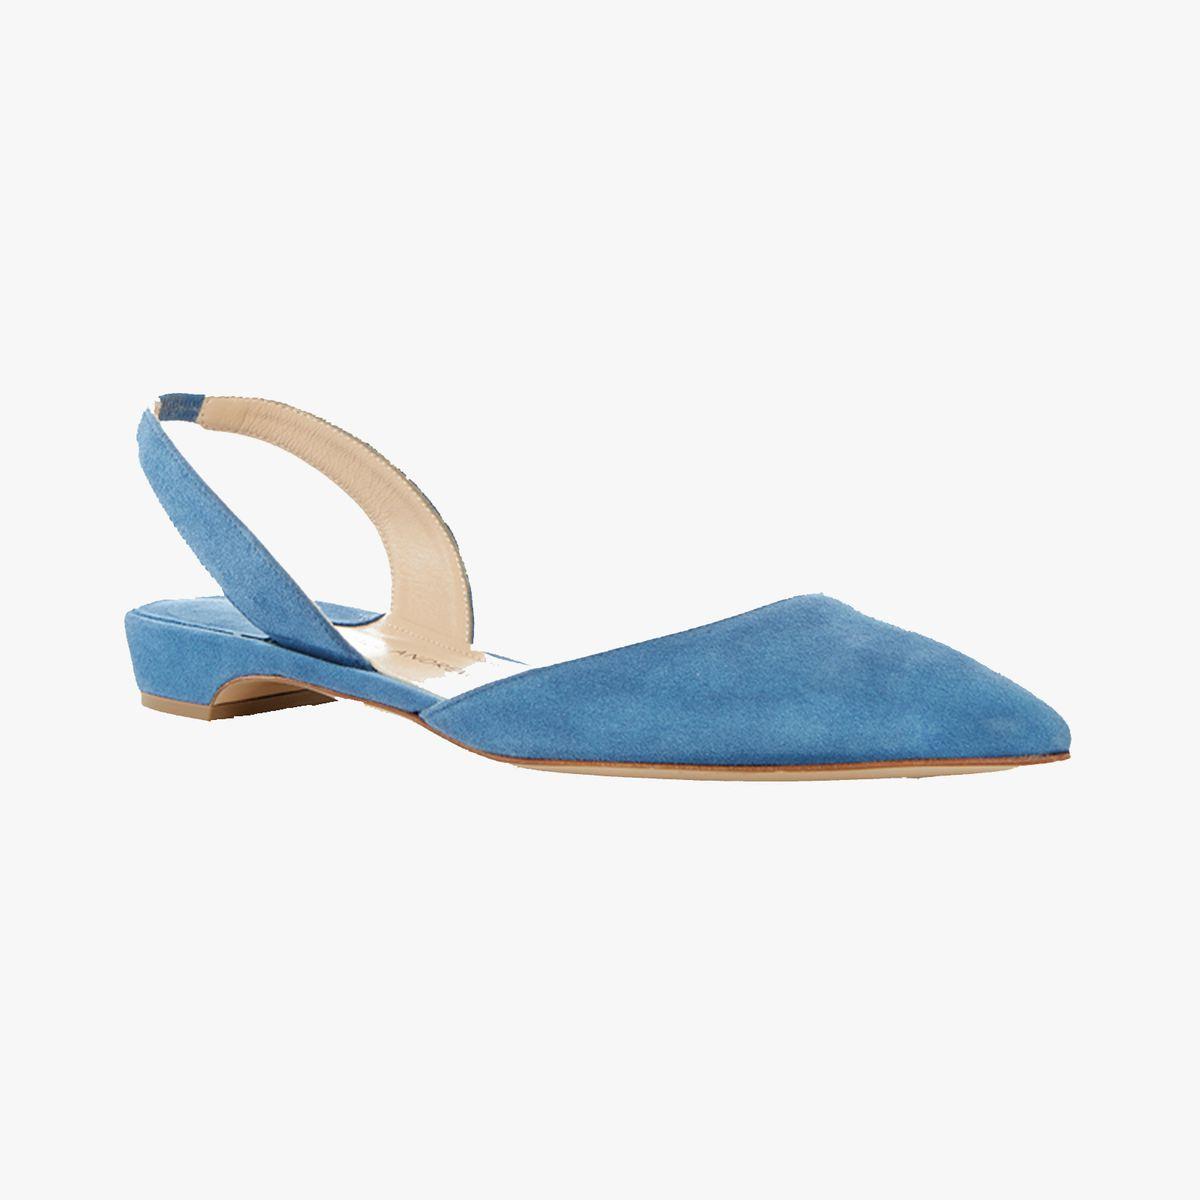 Blue suede slingbacks